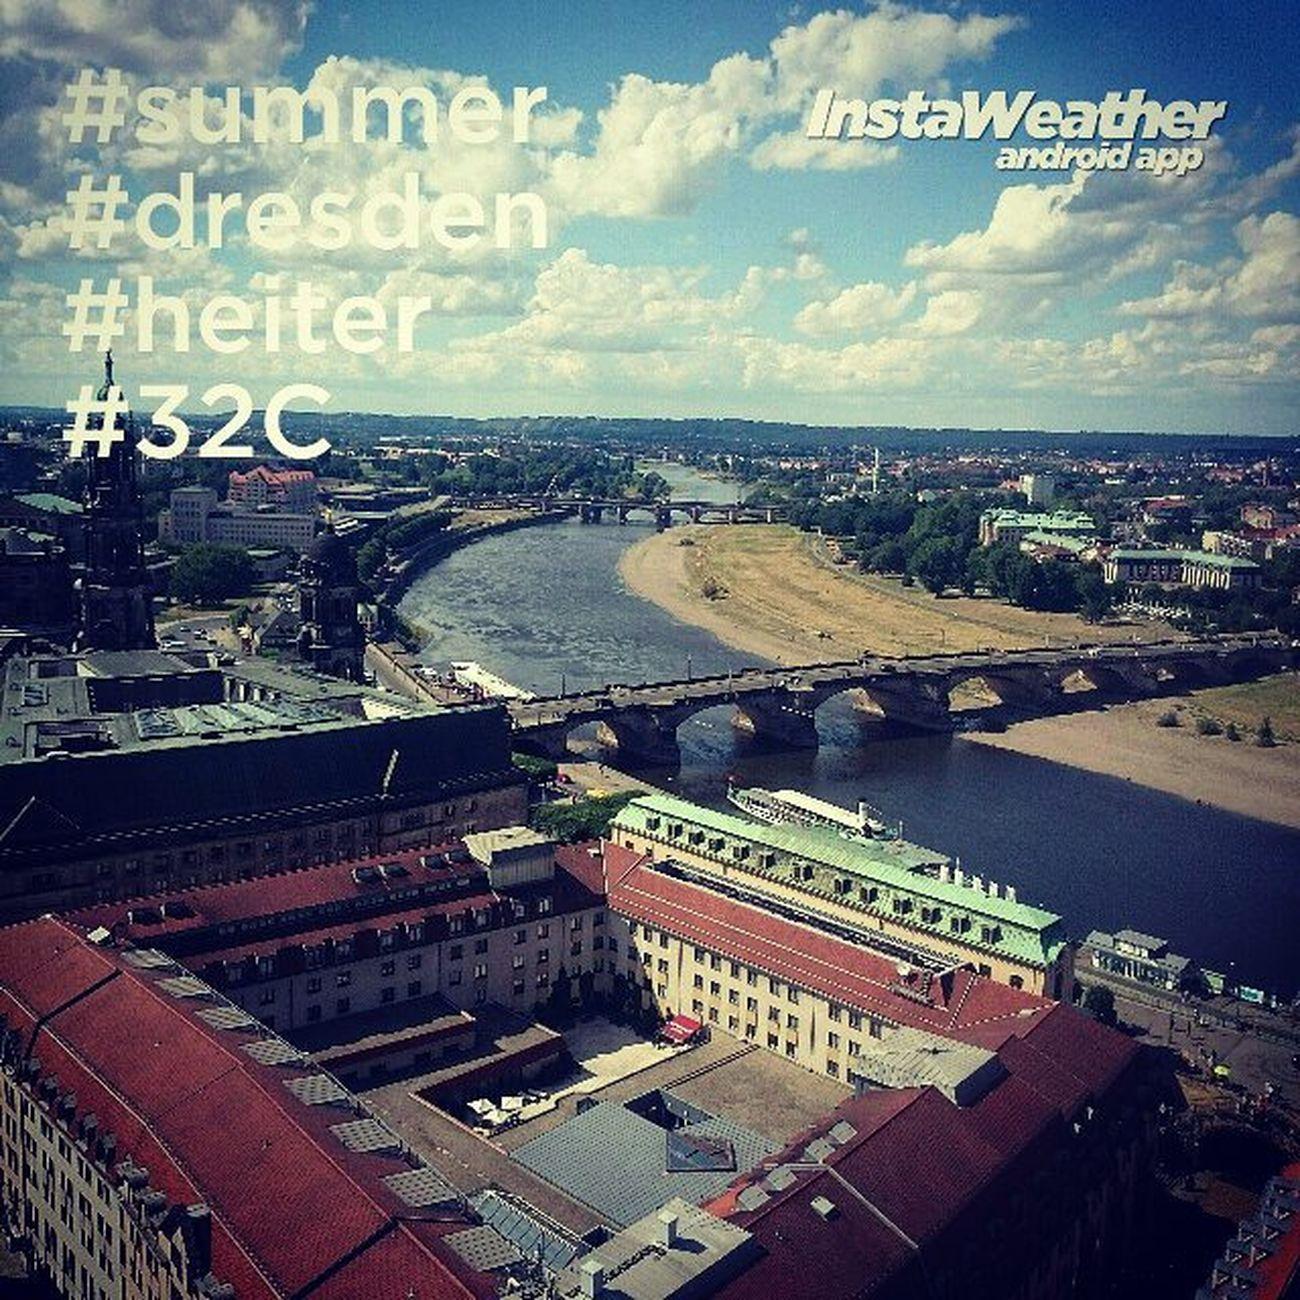 @instaweatherpro Instaweather Instaweatherpro Weather Wx Android Dresden Frauenkirche Urlaub Summer und Lea